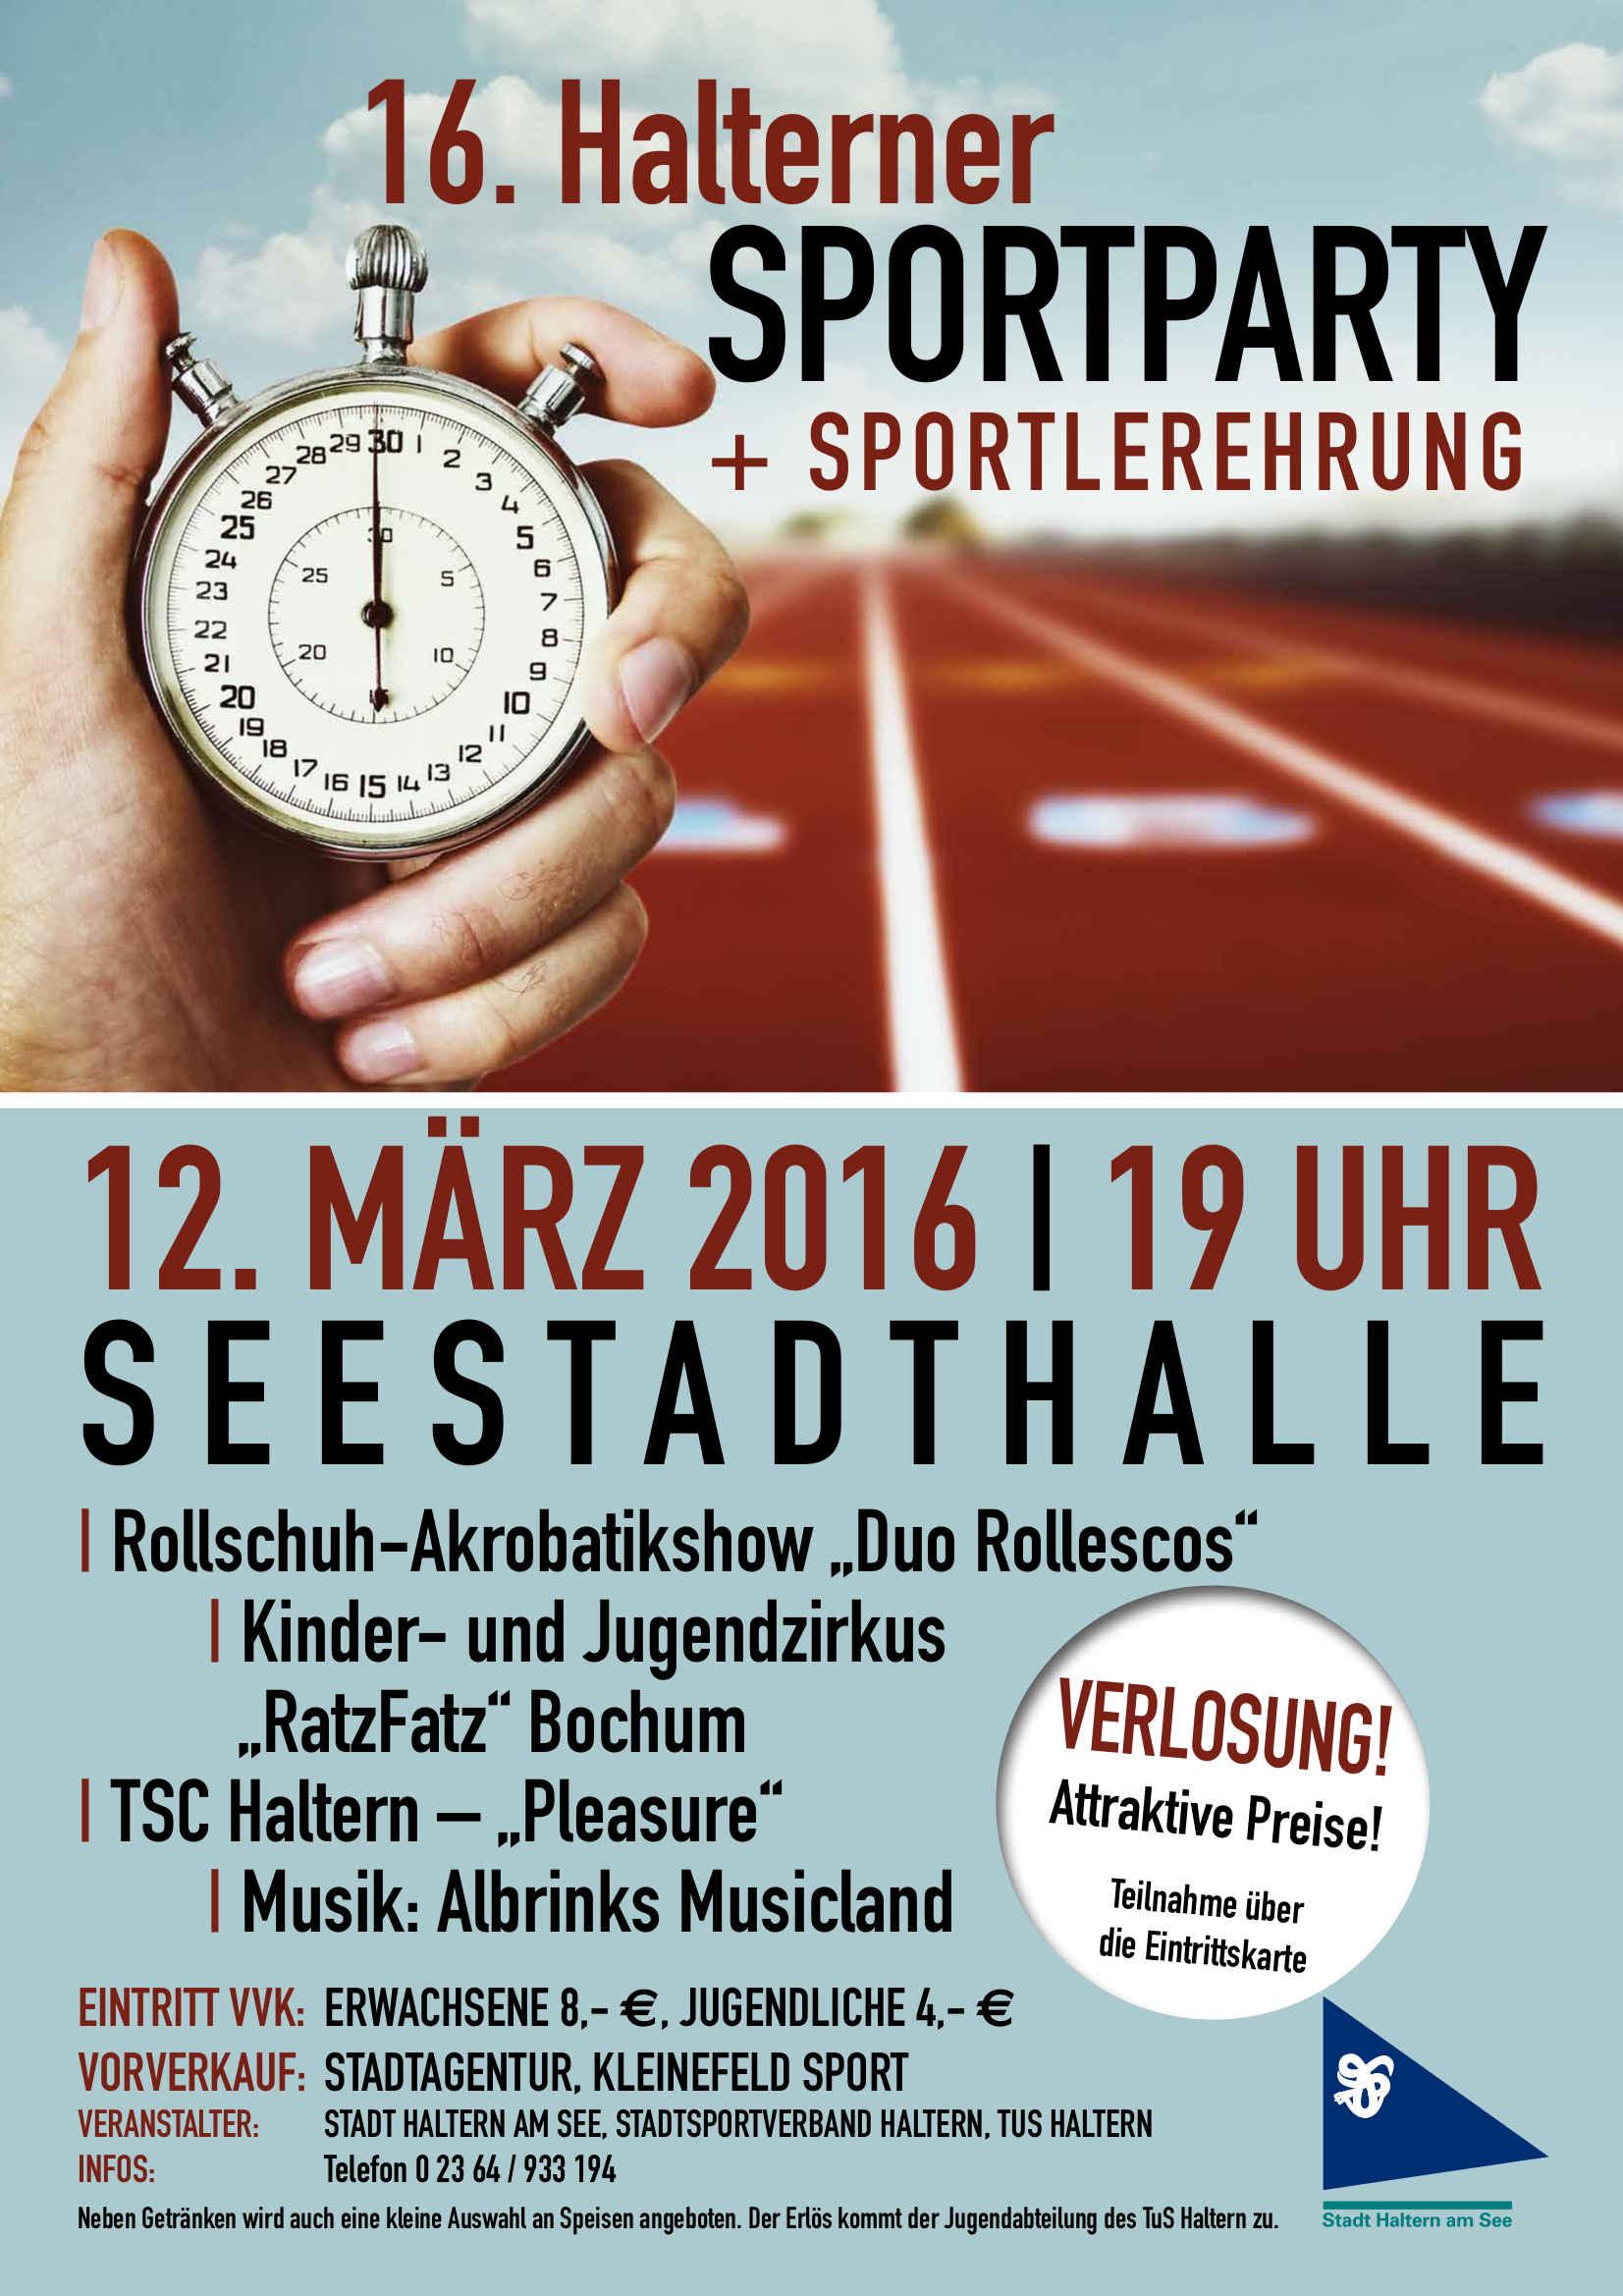 Stadtsportverband Haltern